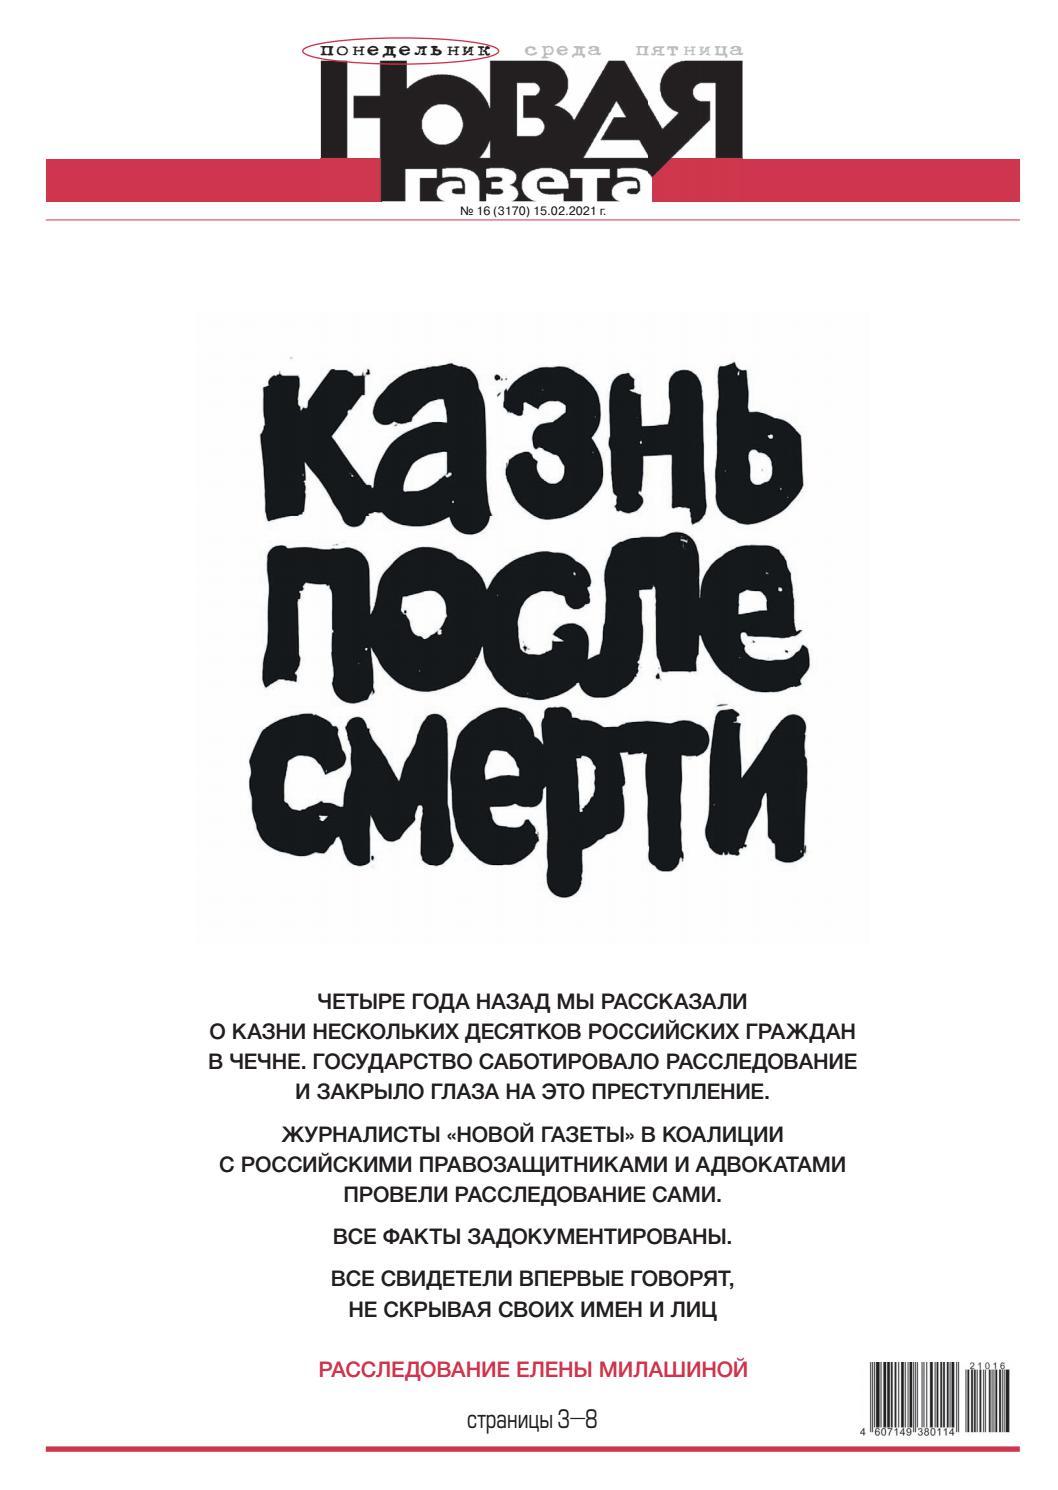 Новая газета №16, февраль 2021